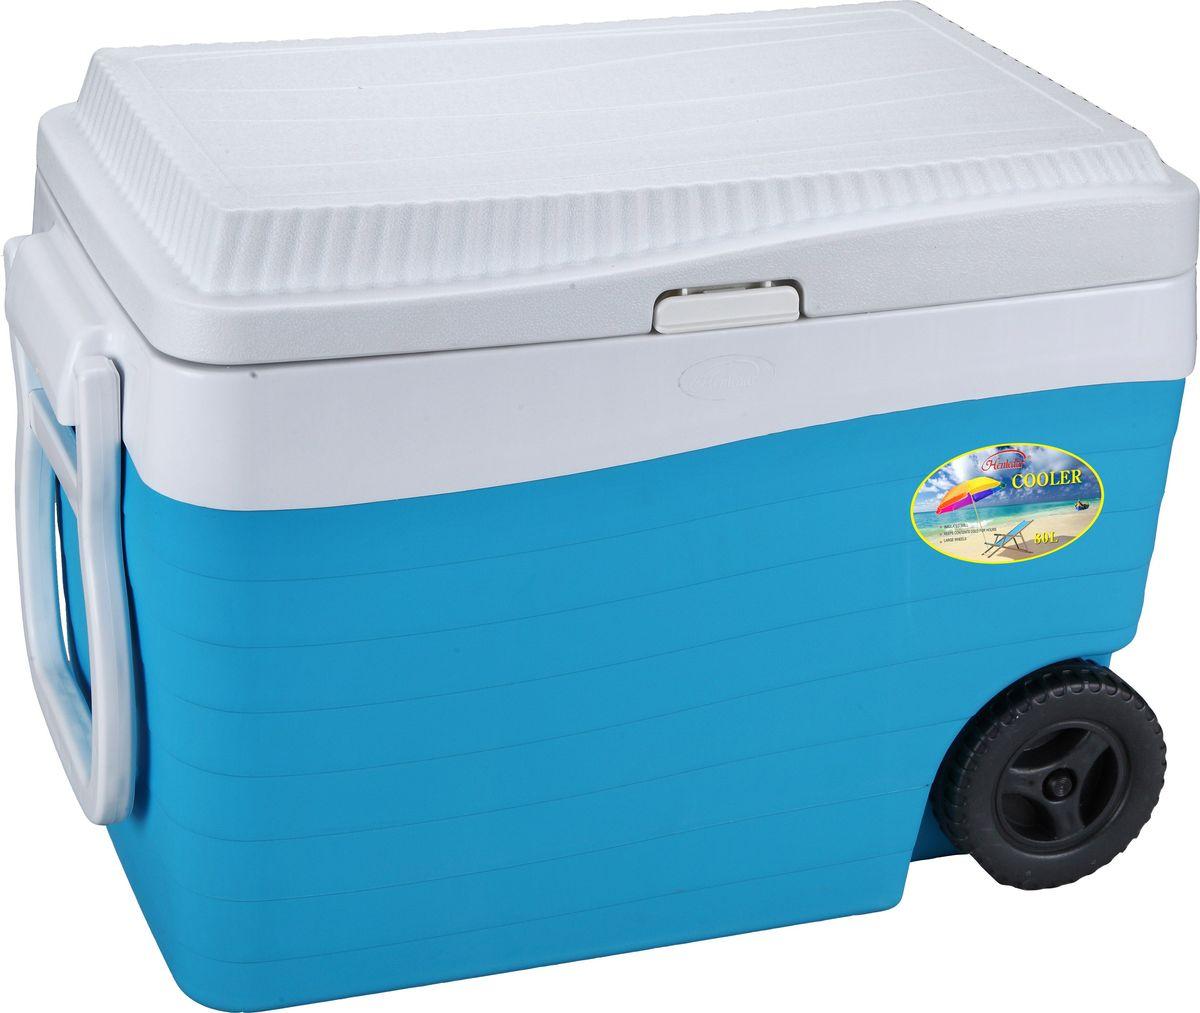 Контейнер изотермический Green Glade, на колесиках, цвет: голубой, 80 лС22800Удобный и прочный изотермический контейнер Green Glade предназначен для сохранения определенной температуры продуктов во время длительных поездок. Корпус и крышка контейнера изготовлены из высококачественного пластика. Между двойными стенками находится термоизоляционный слой, который обеспечивает сохранение температуры. У контейнера одно большое вместительное отделение. Крышка закрывается плотно на замок-защелку. У контейнера имеются два колеса и большая ручка для более удобной транспортировки. Также имеются две боковые ручки для переноски.В нижней части контейнера имеется заглушка, которая поможет слить воду при постепенном размораживании продуктов. При использовании аккумулятора холода контейнер обеспечивает сохранение продуктов холодными 12-14 часов. Контейнер такого размера идеально подойдет для пикника или для поездки на дачу, или просто для длительной поездки.Контейнеры Green Glade можно использовать не только для сохранения холодных продуктов, но и для транспортировки горячих блюд. В этом случае аккумуляторы нагреваются в горячей воде (температура около 80°С) и превращаются в аккумуляторы тепла. Подготовленные блюда перед транспортировкой подогреваются и укладываются в контейнер. Объем контейнера: 80 л.Размер контейнера: 64 см х 50 см х39 см.